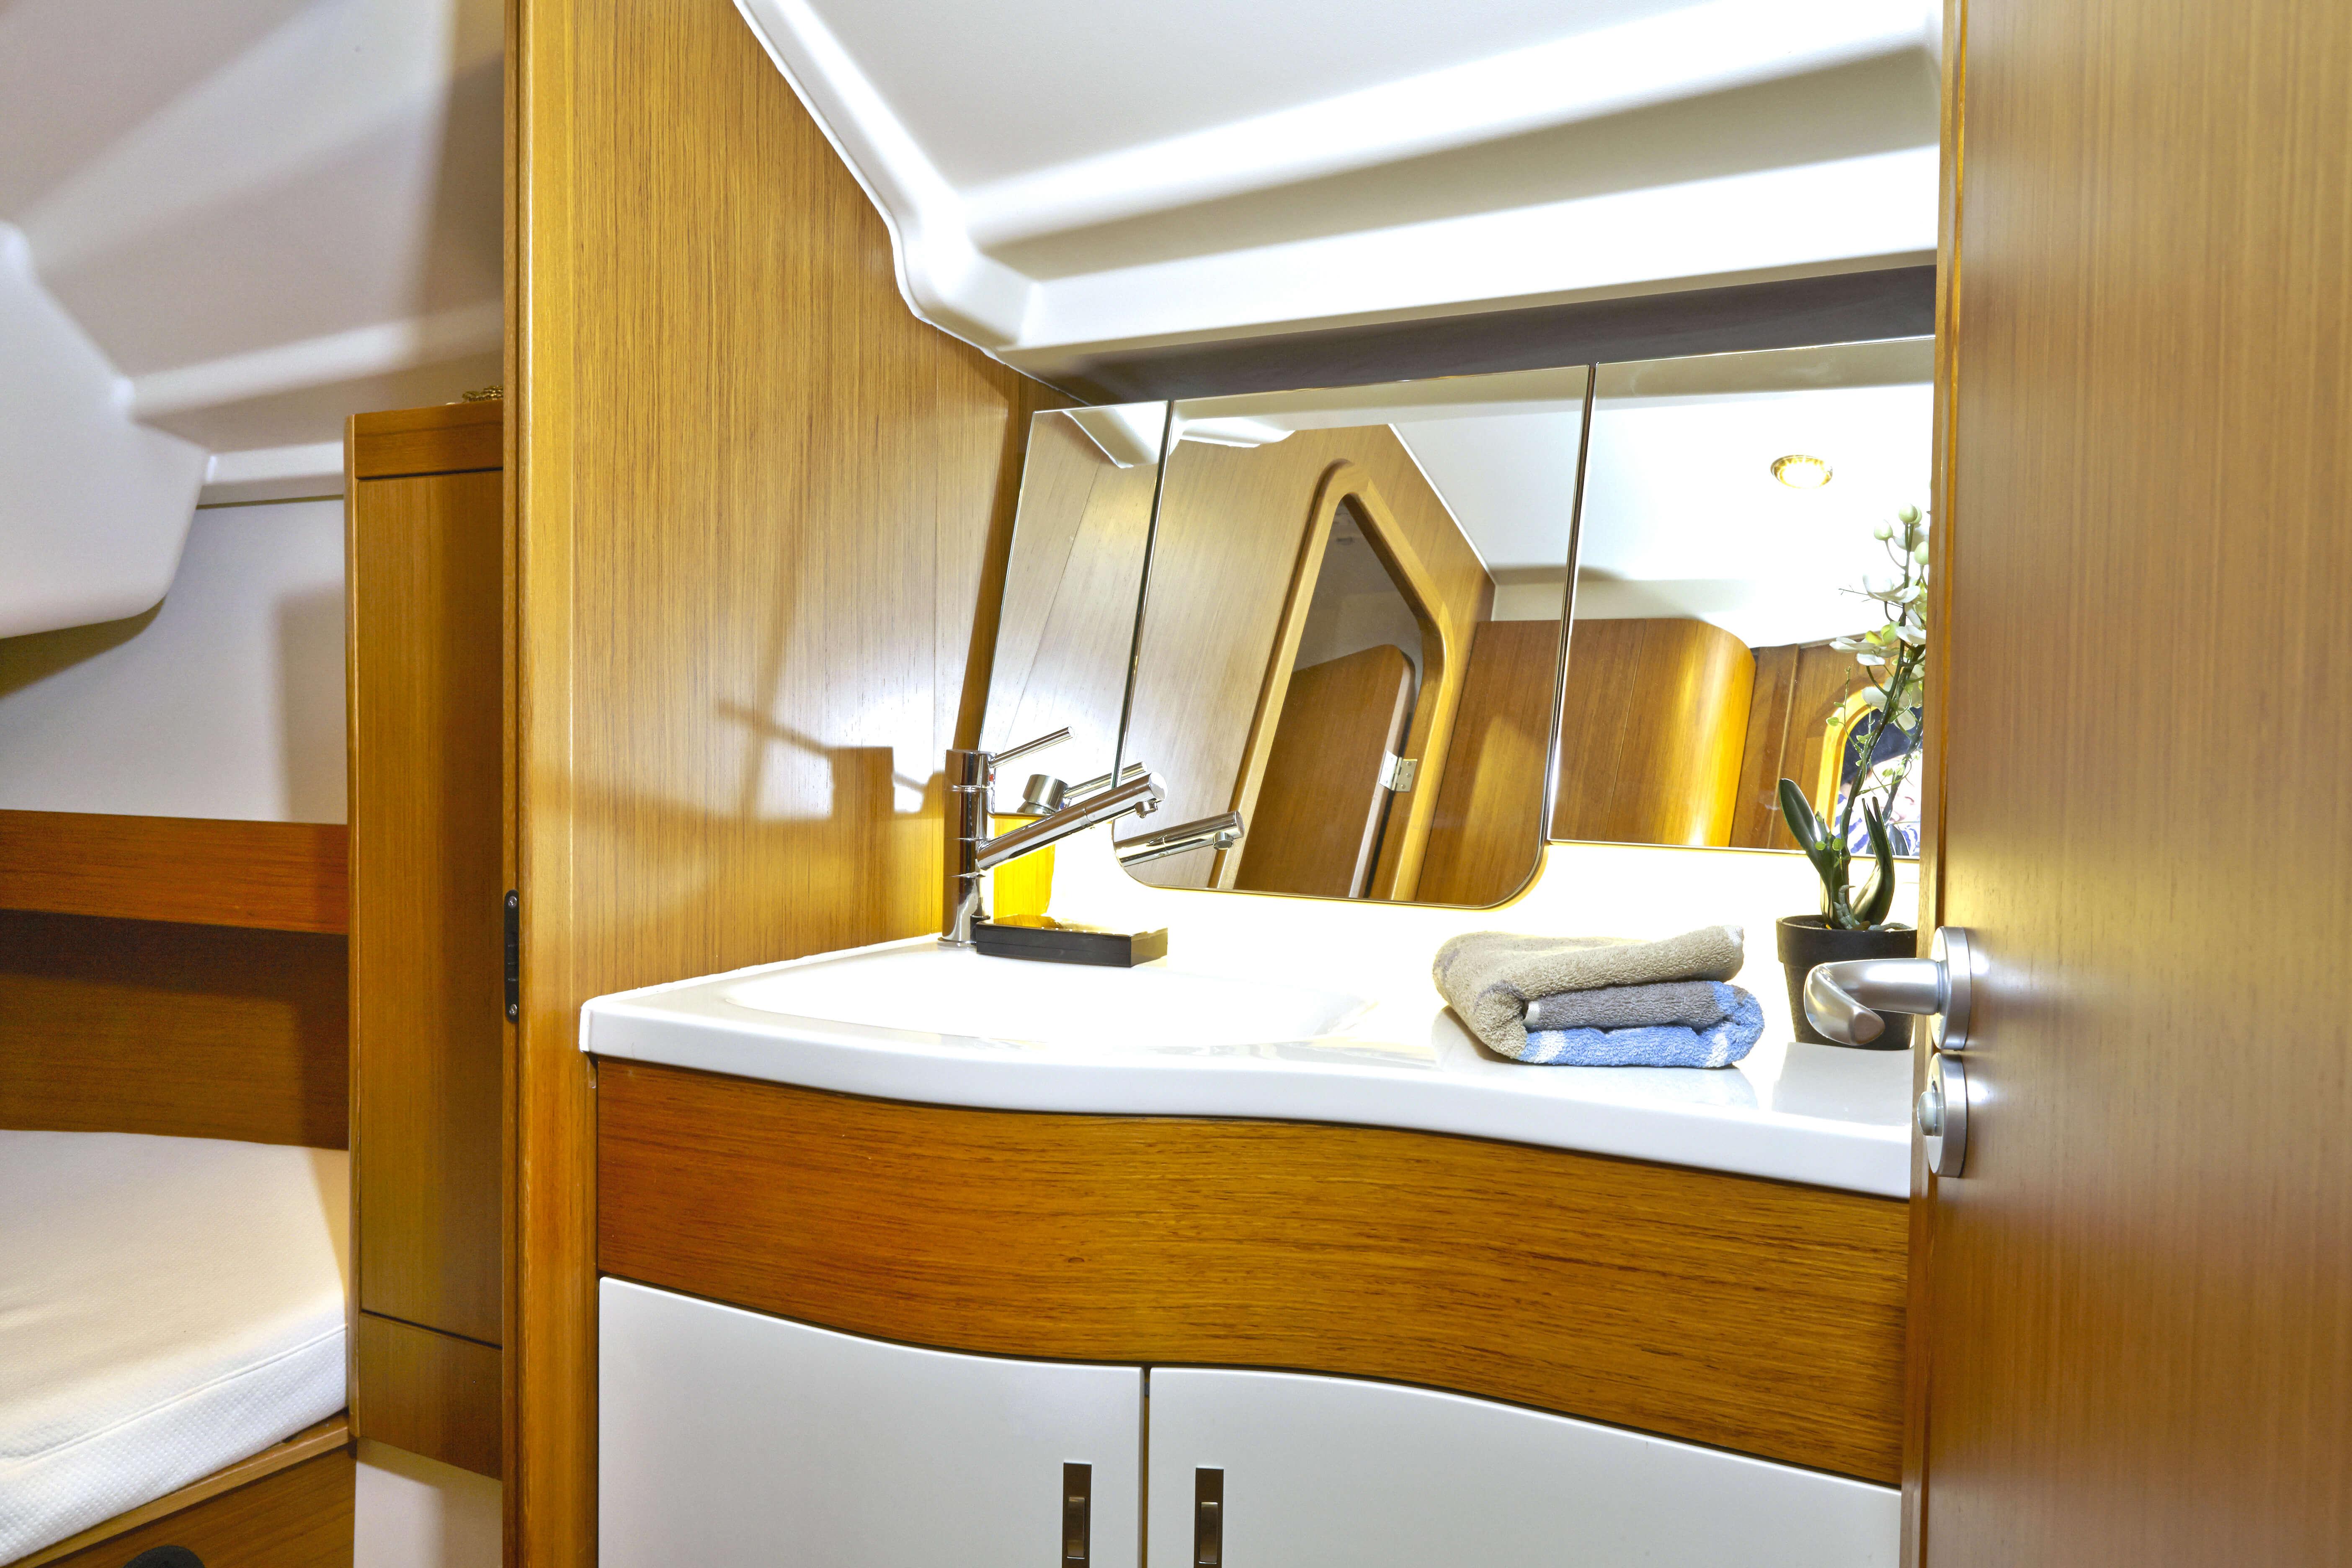 Dehler 38 Interior view wet cell | sink, mirror | Dehler